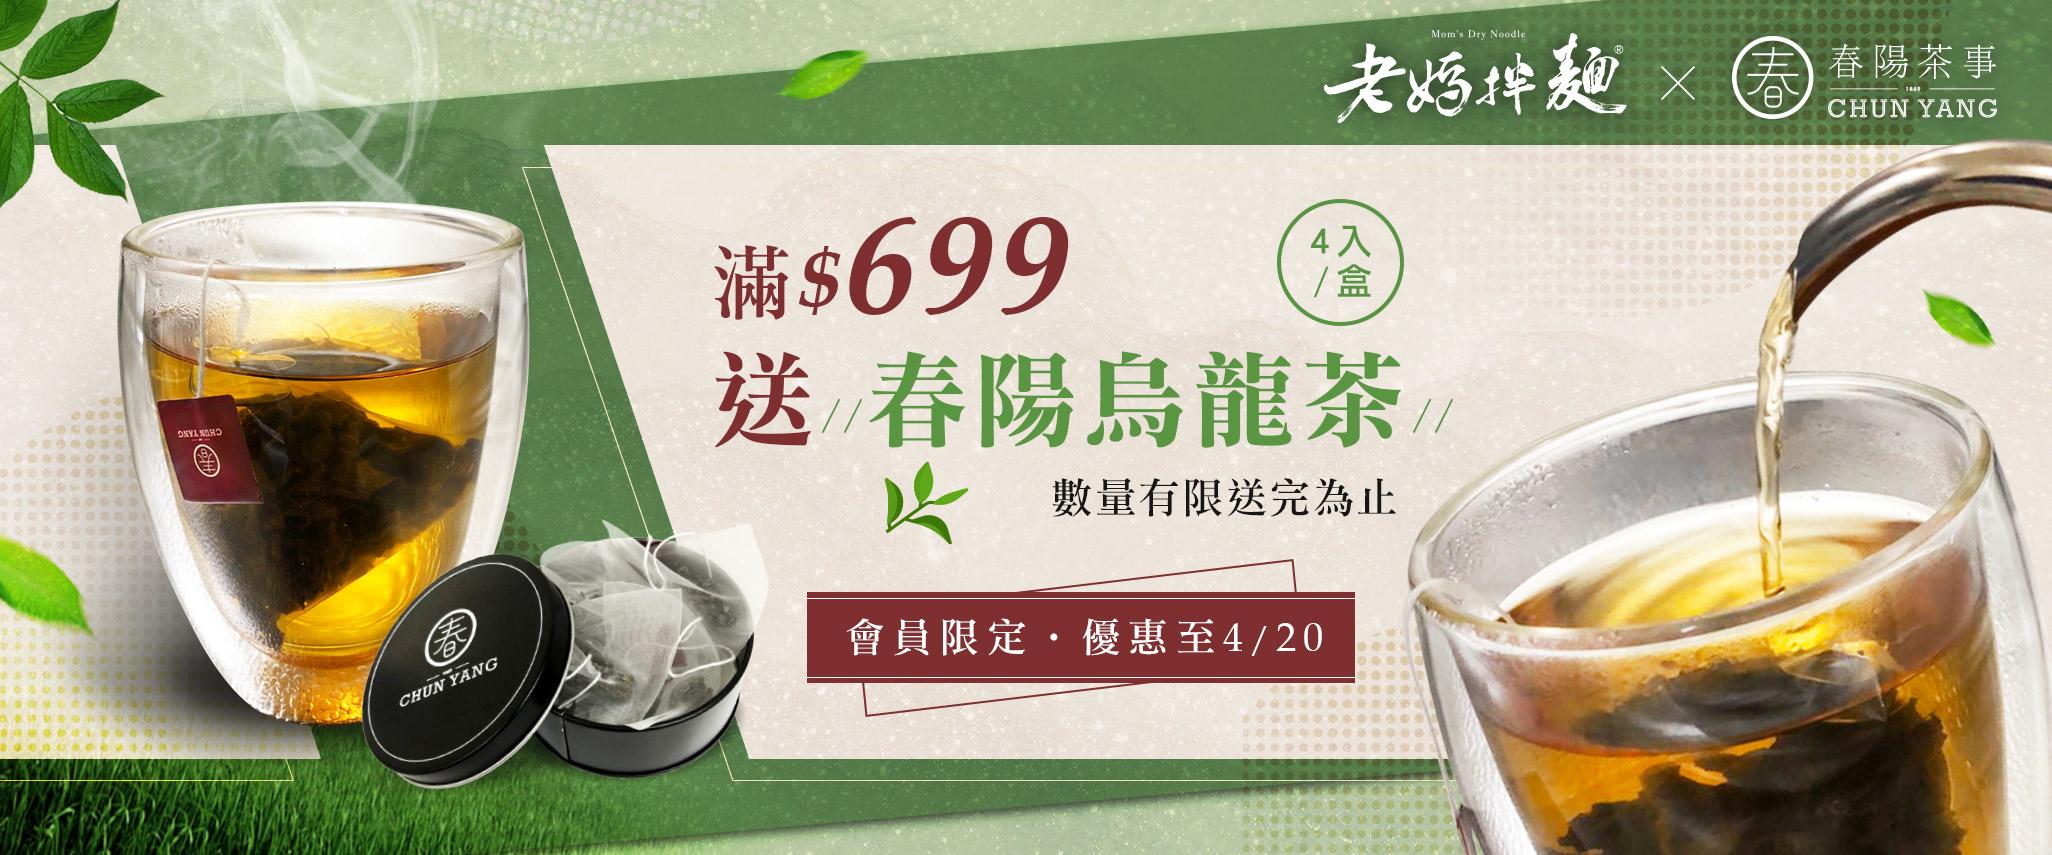 老媽拌麵 消費滿699送春陽烏龍茶1盒(4入)